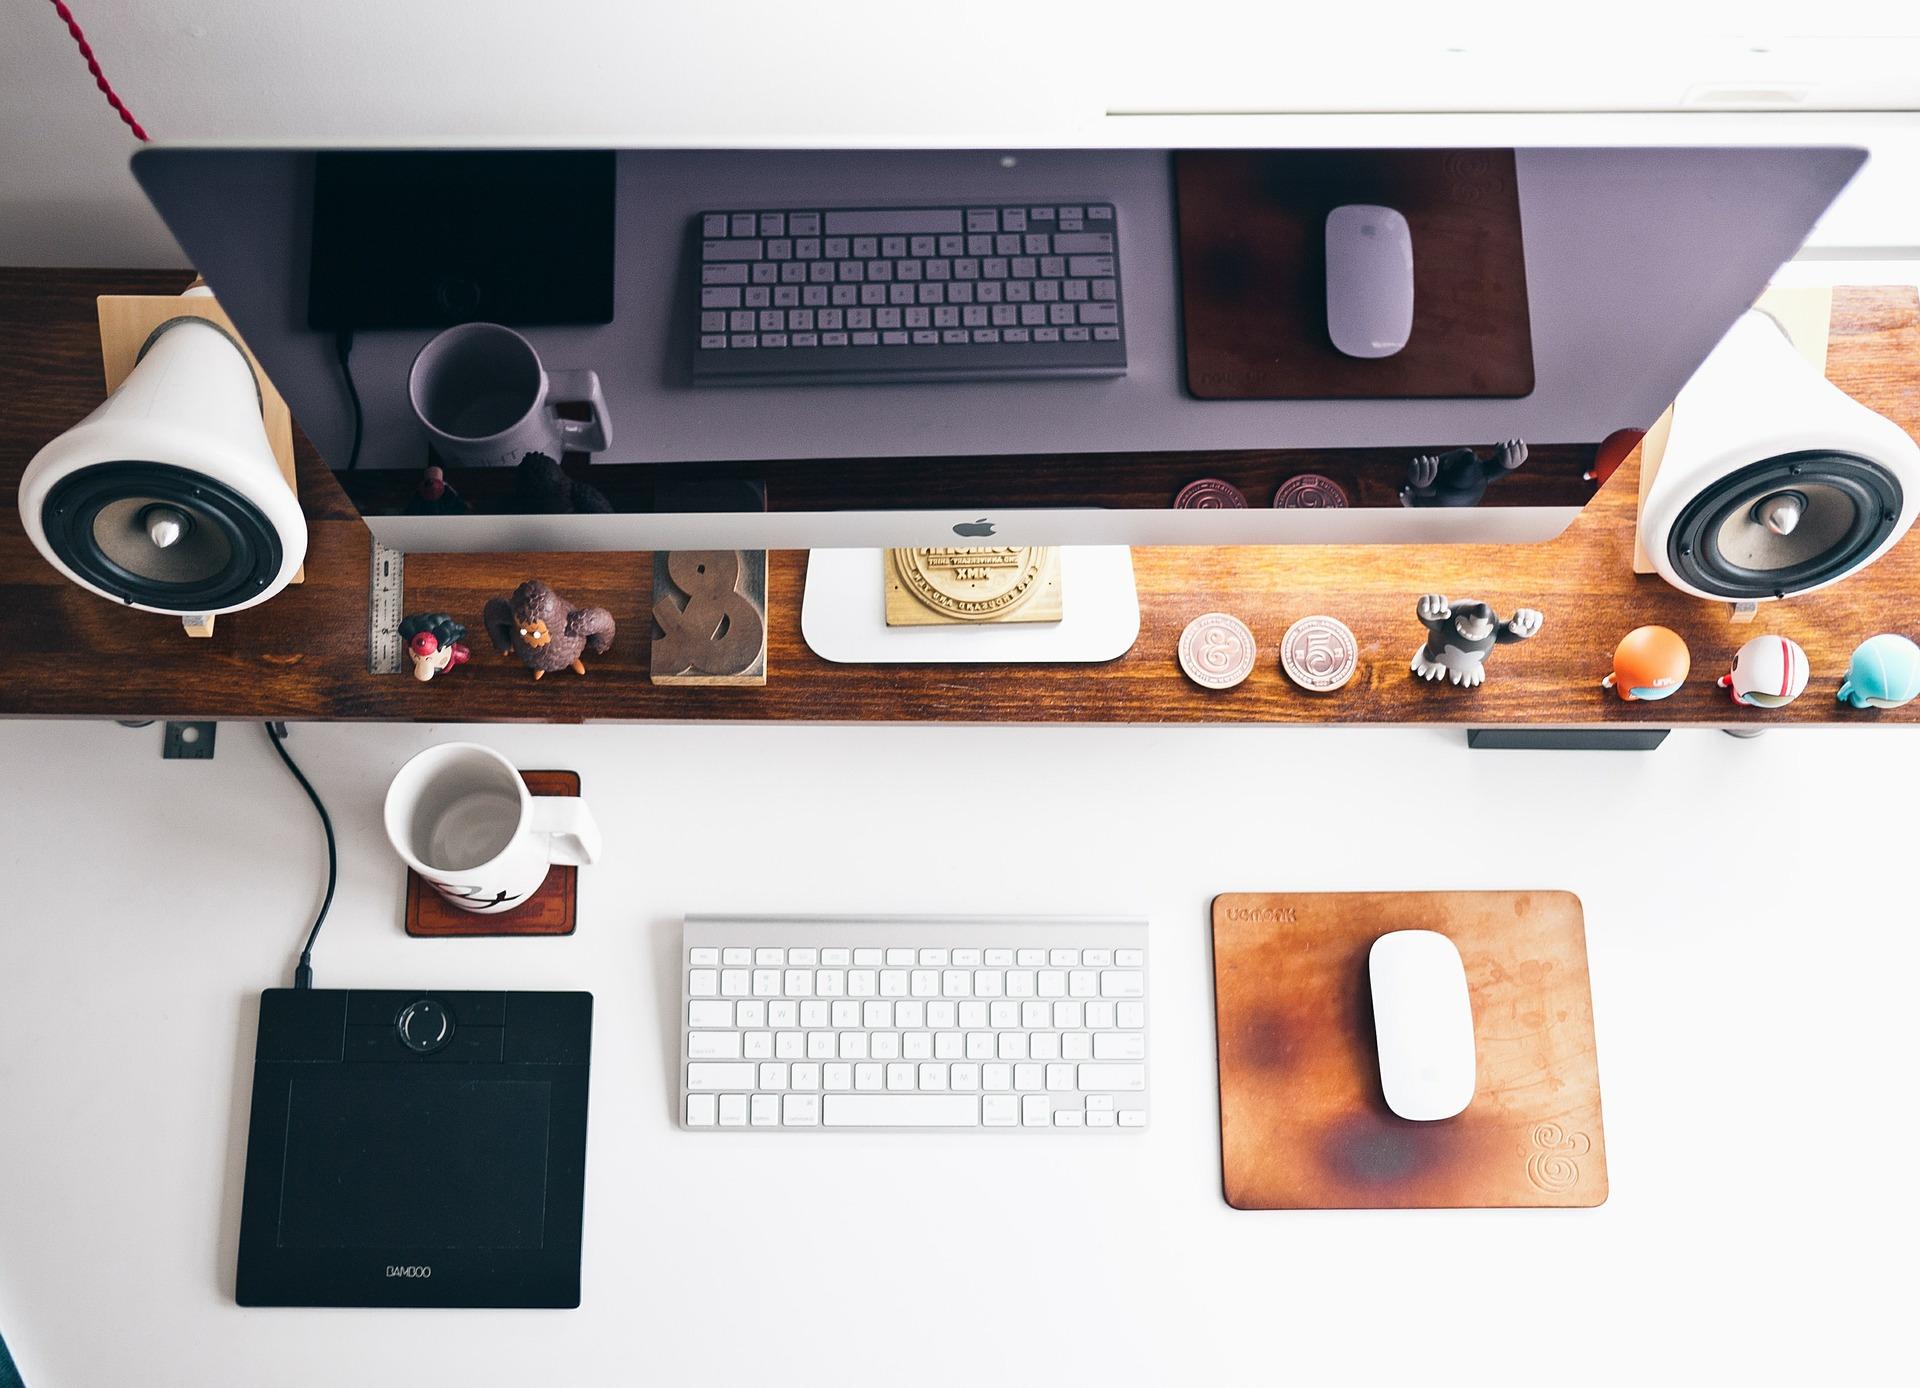 ブログの不安を取り除きモチベーションを高める方法